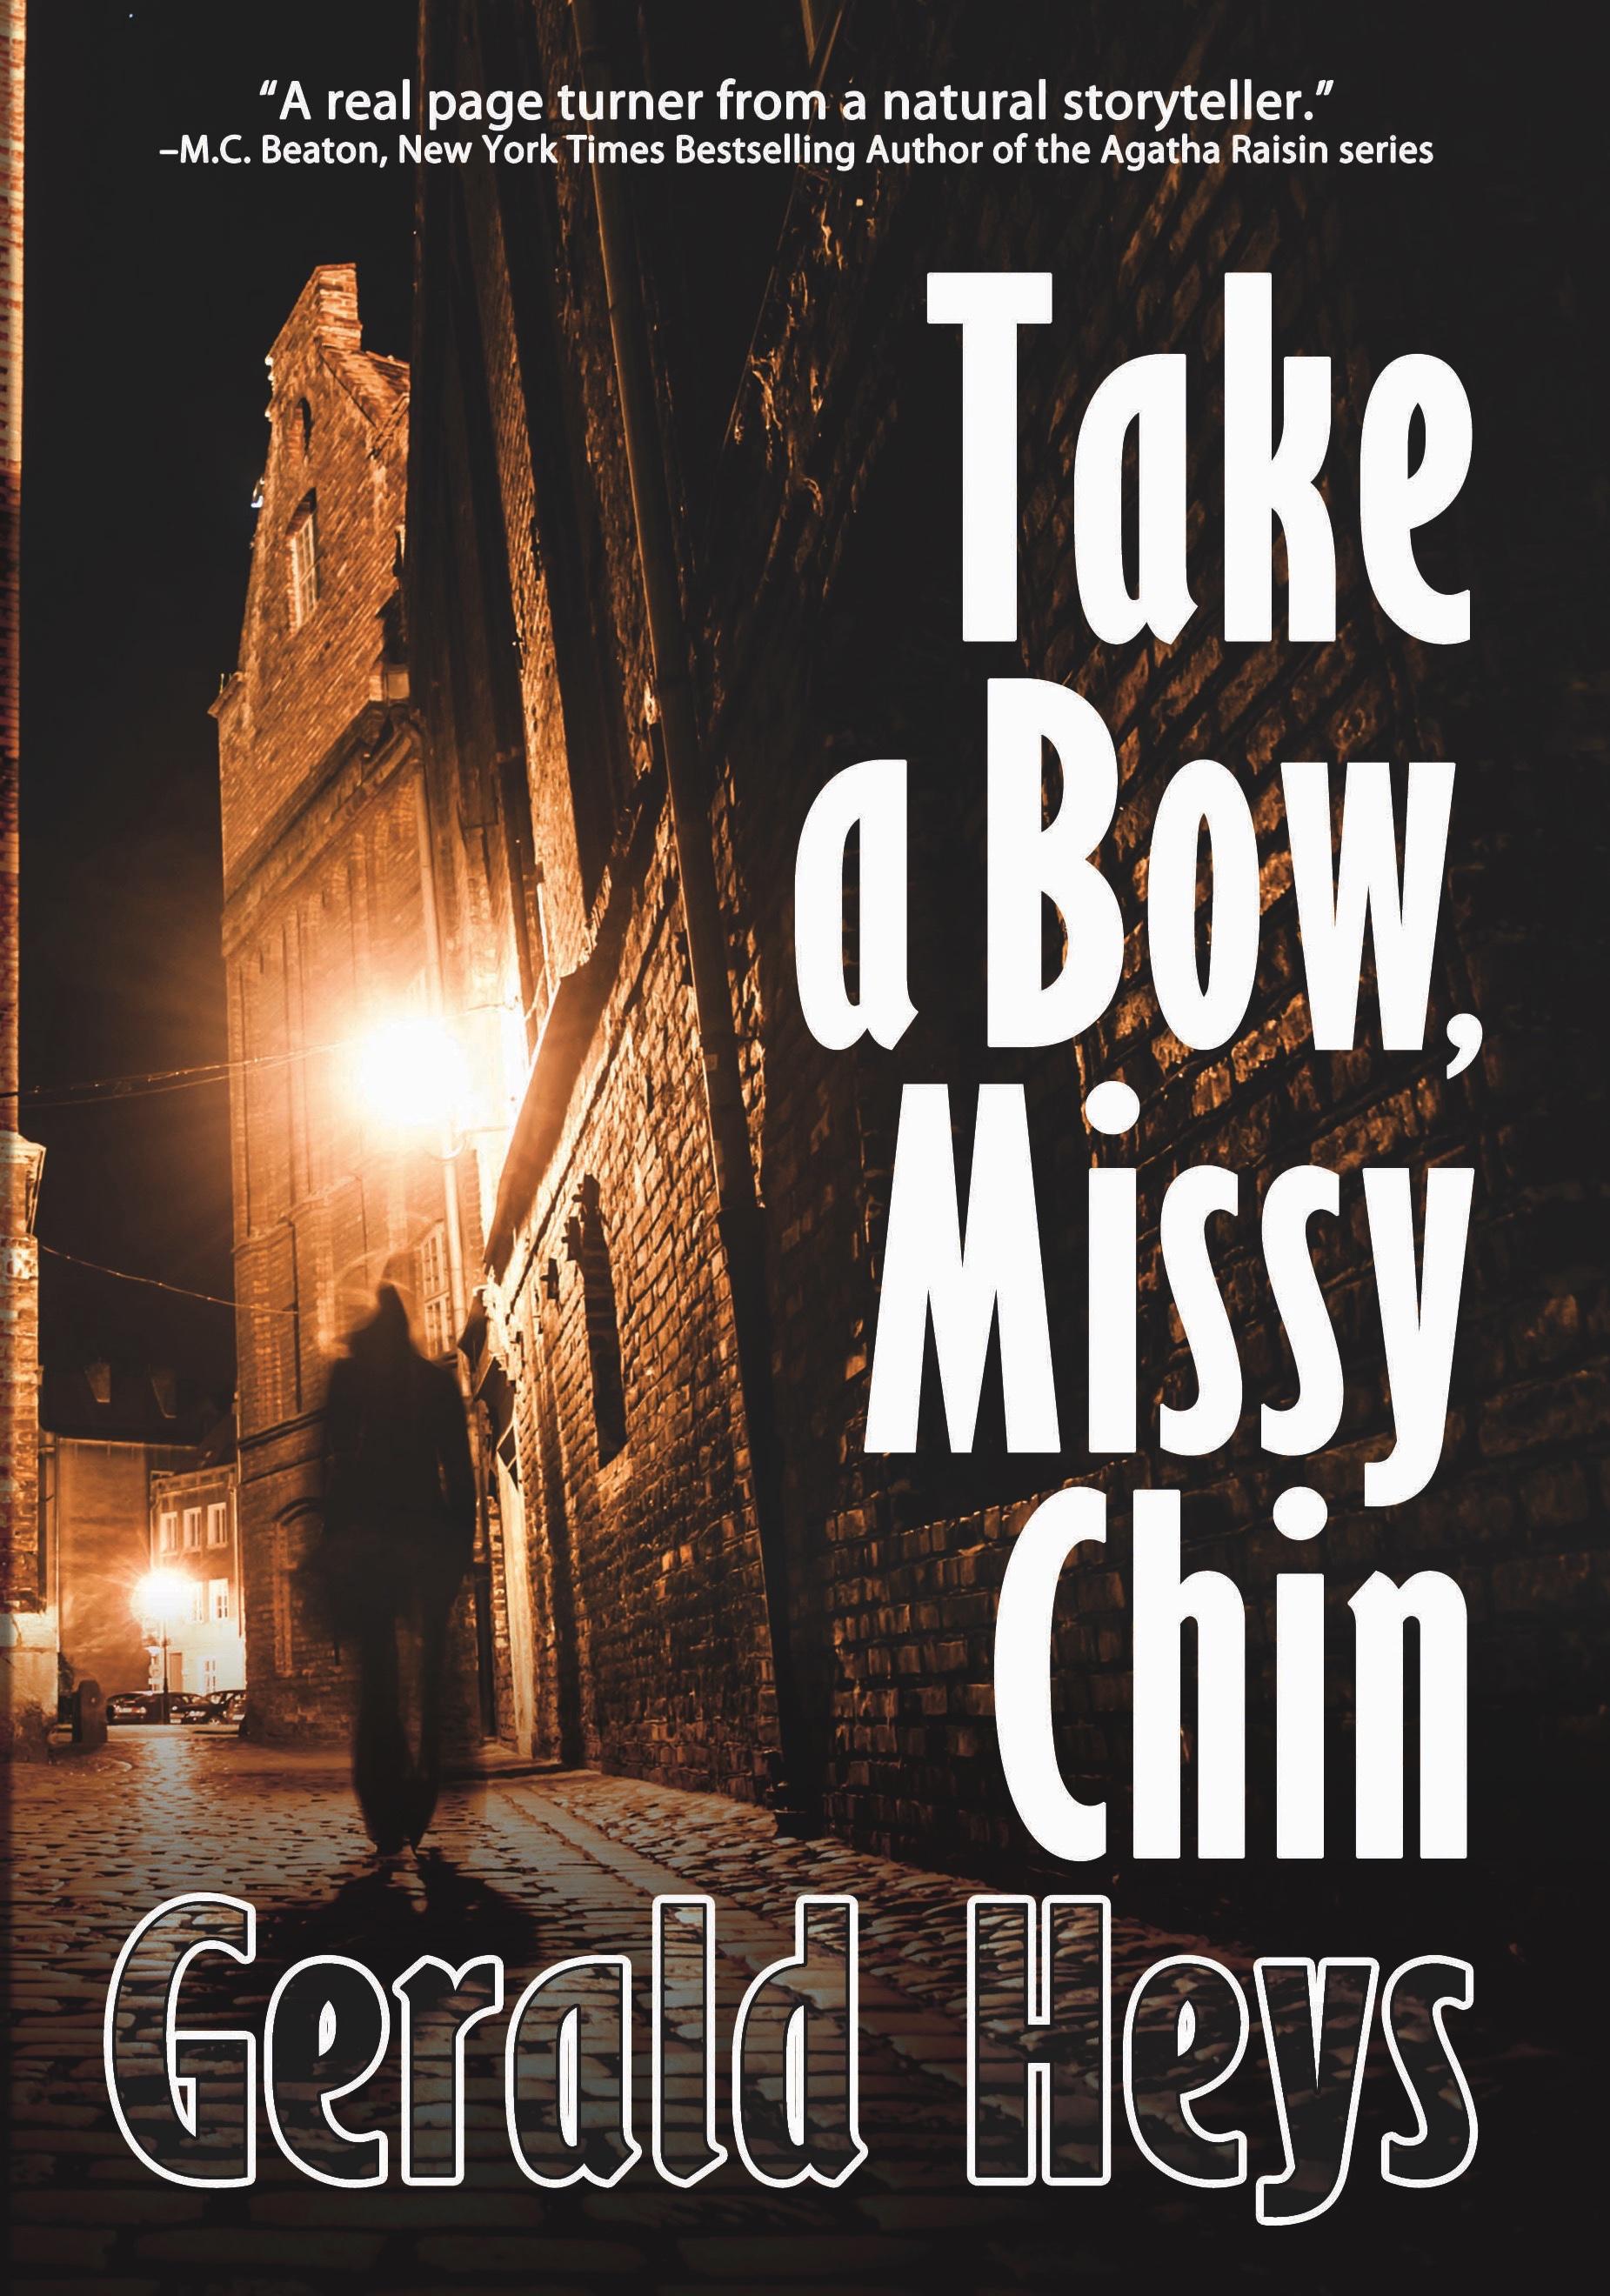 Missy Chin